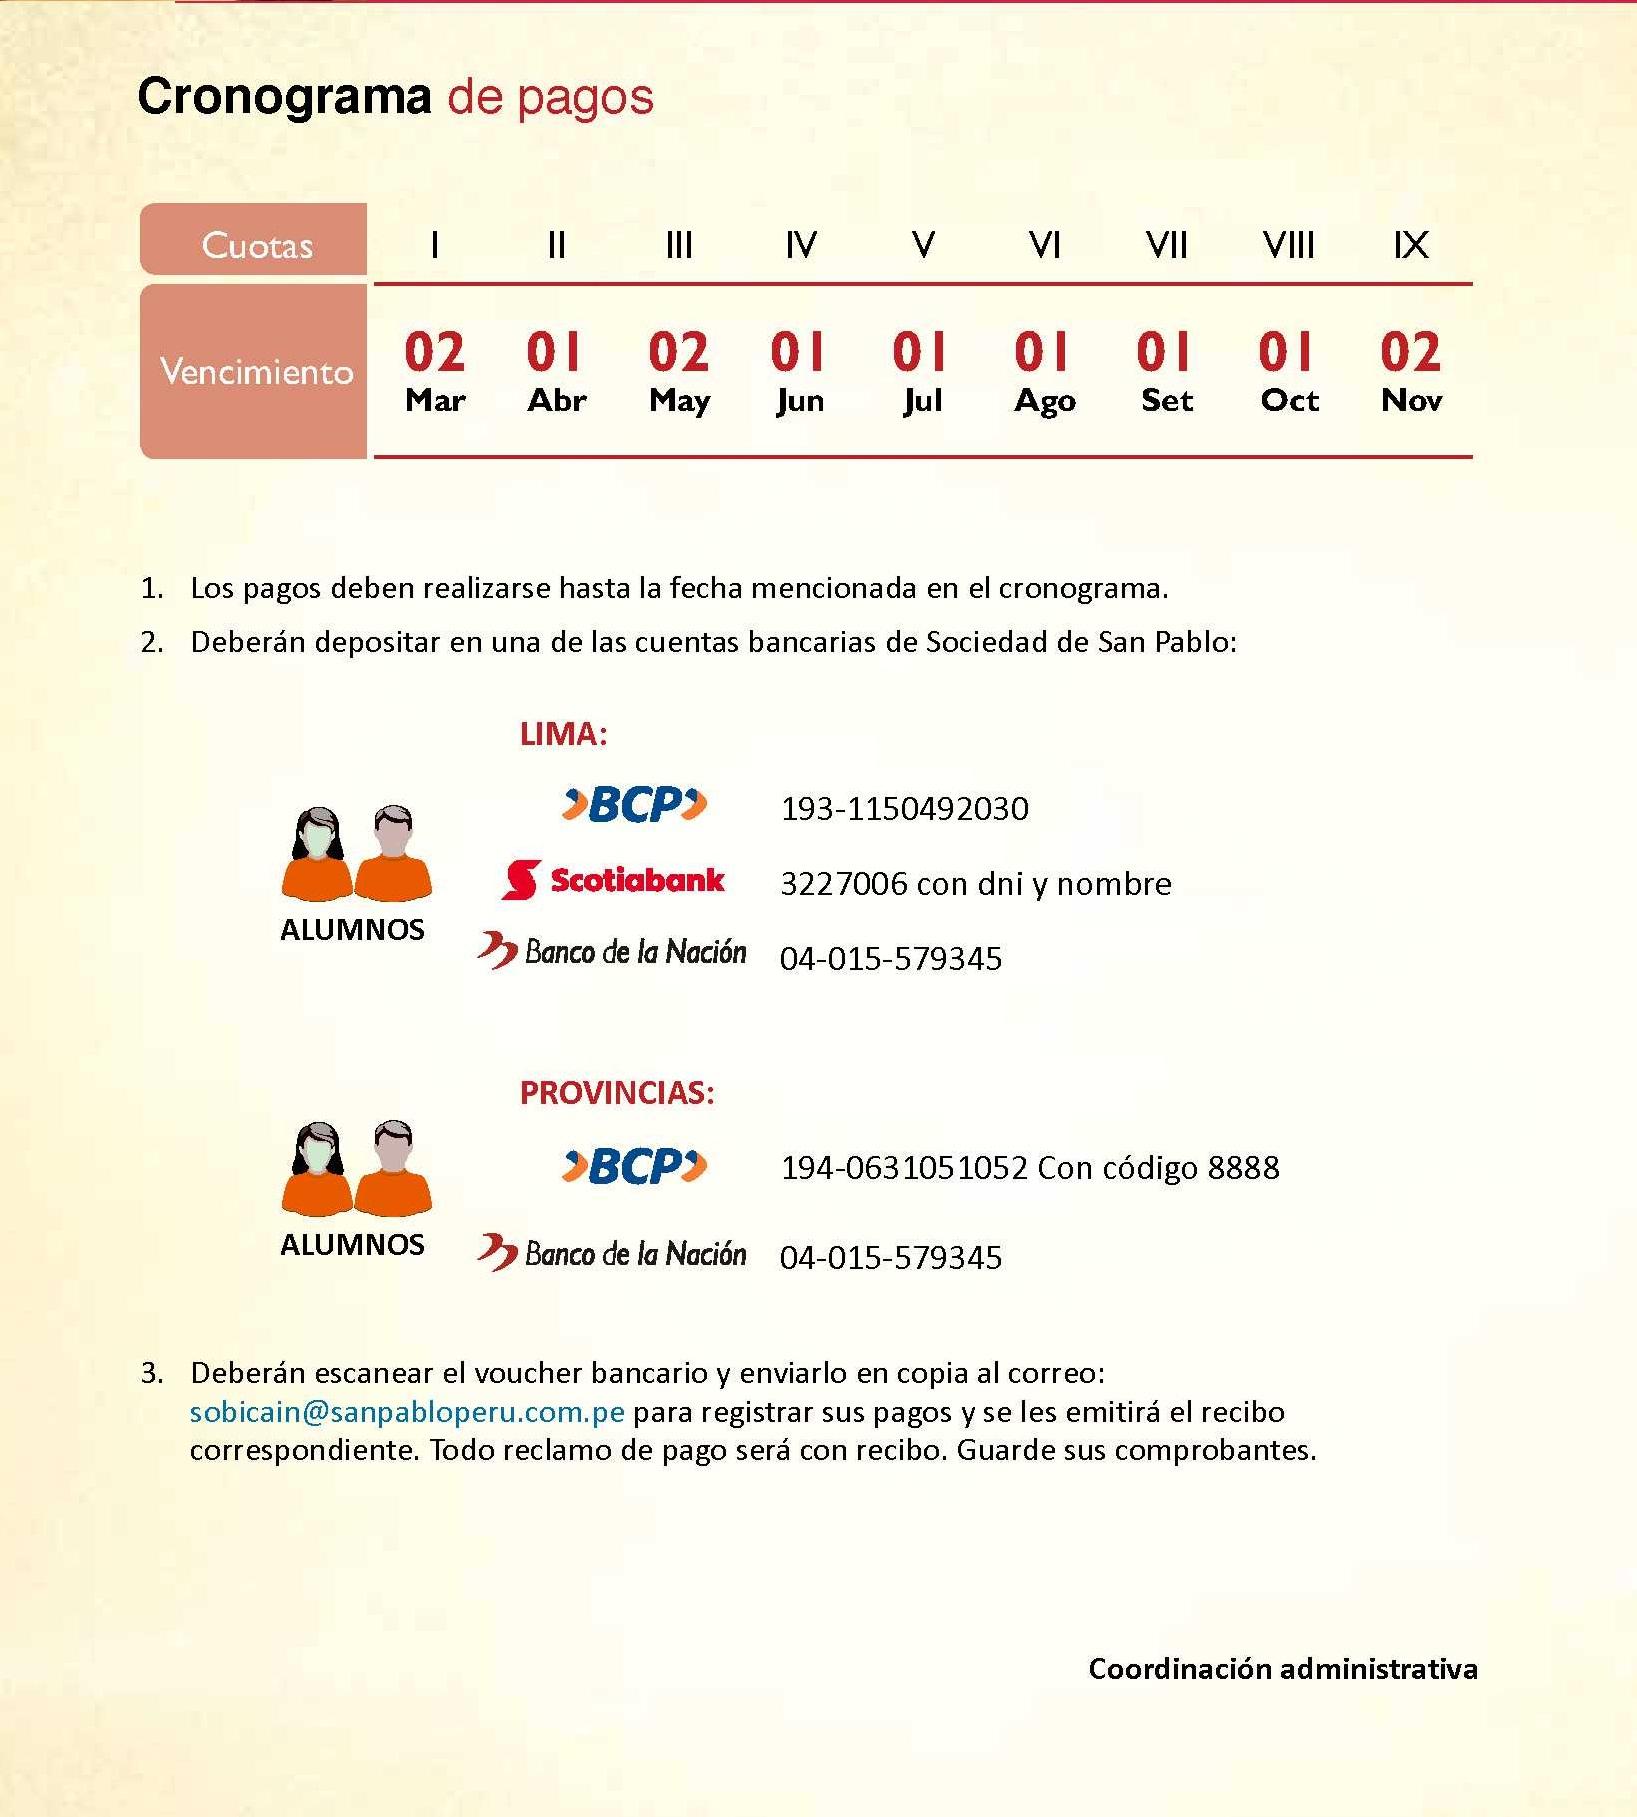 cronograma de pagos evangelios